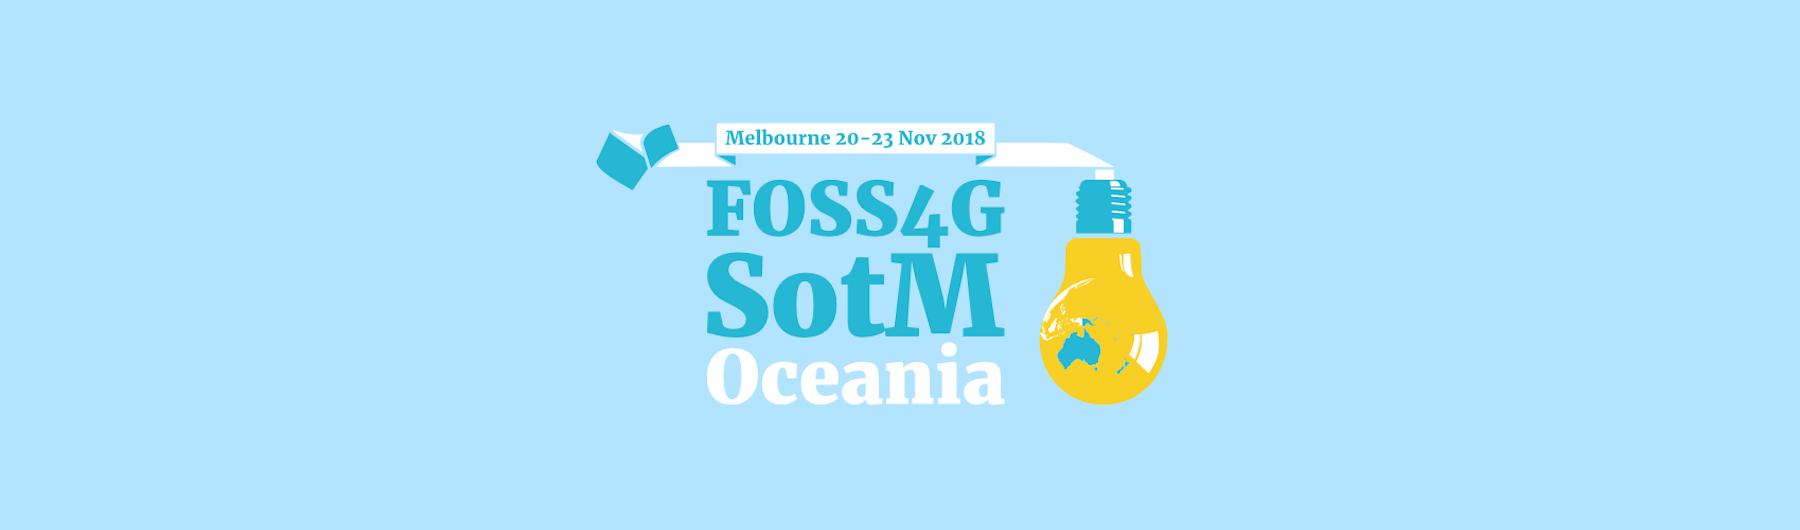 FOSS4G SotM Oceania 2018 - Workshops